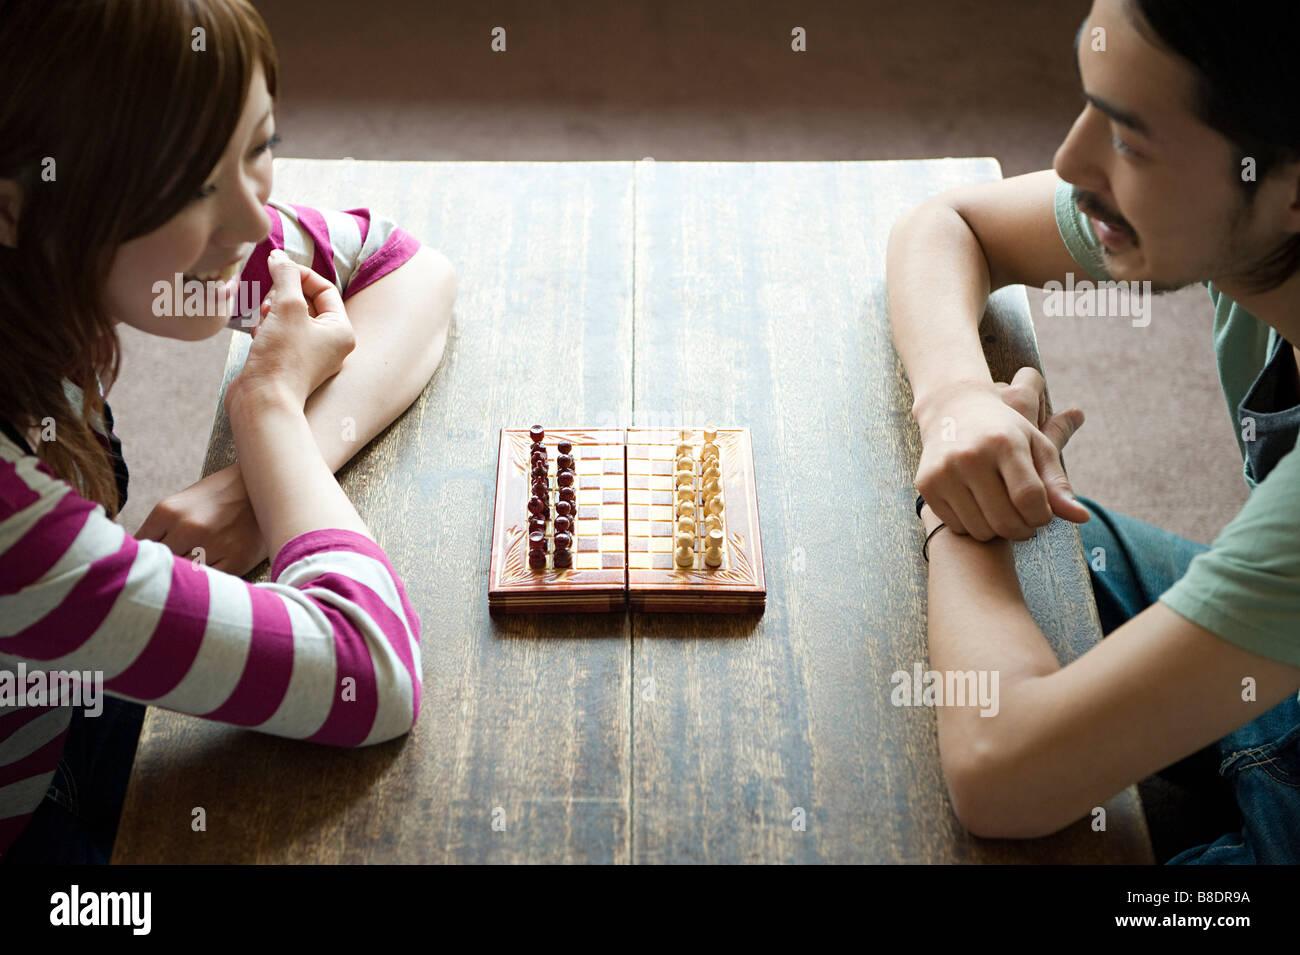 Pareja joven jugando ajedrez Foto de stock